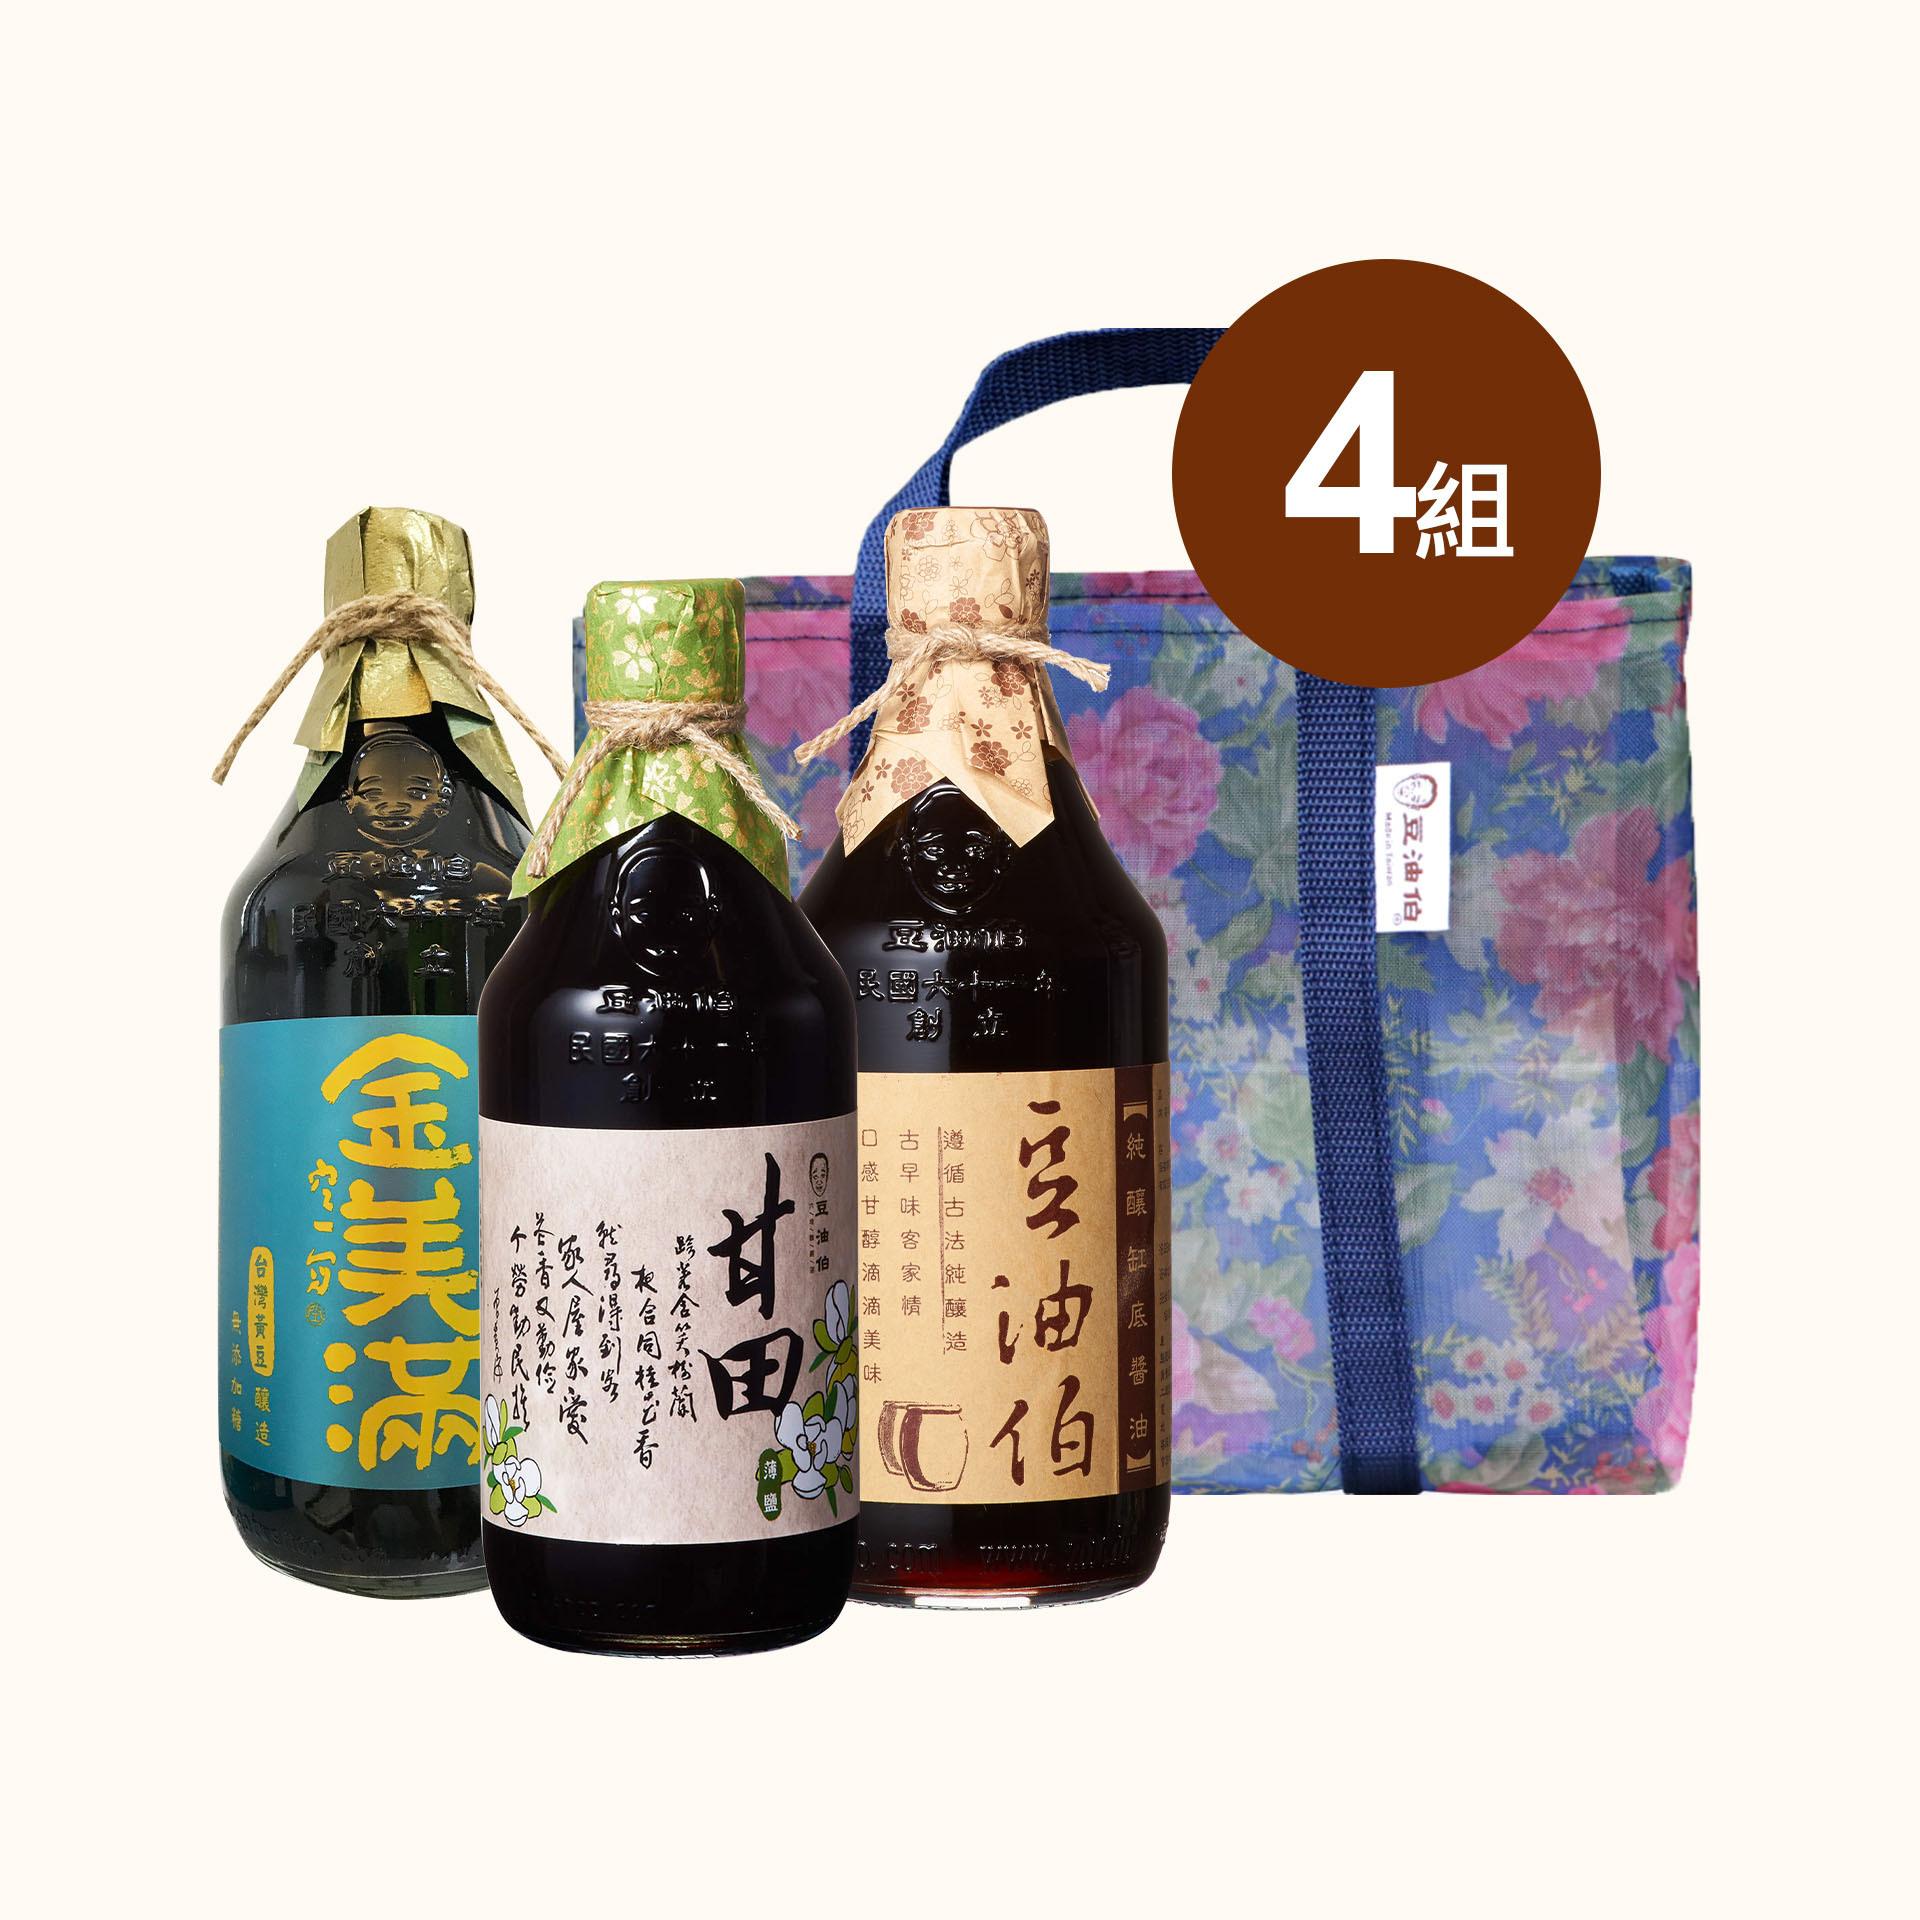 【中秋禮盒】缸底醬油4入+甘田醬油4入+金美滿醬油4入(共12入)送復古花袋4個(隨機不挑色)